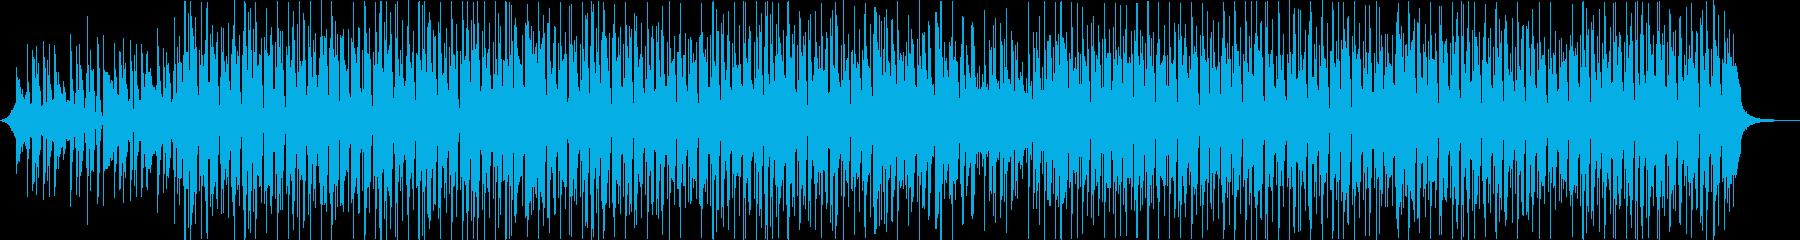 ギターウクレレパーカッションの軽いアコーの再生済みの波形